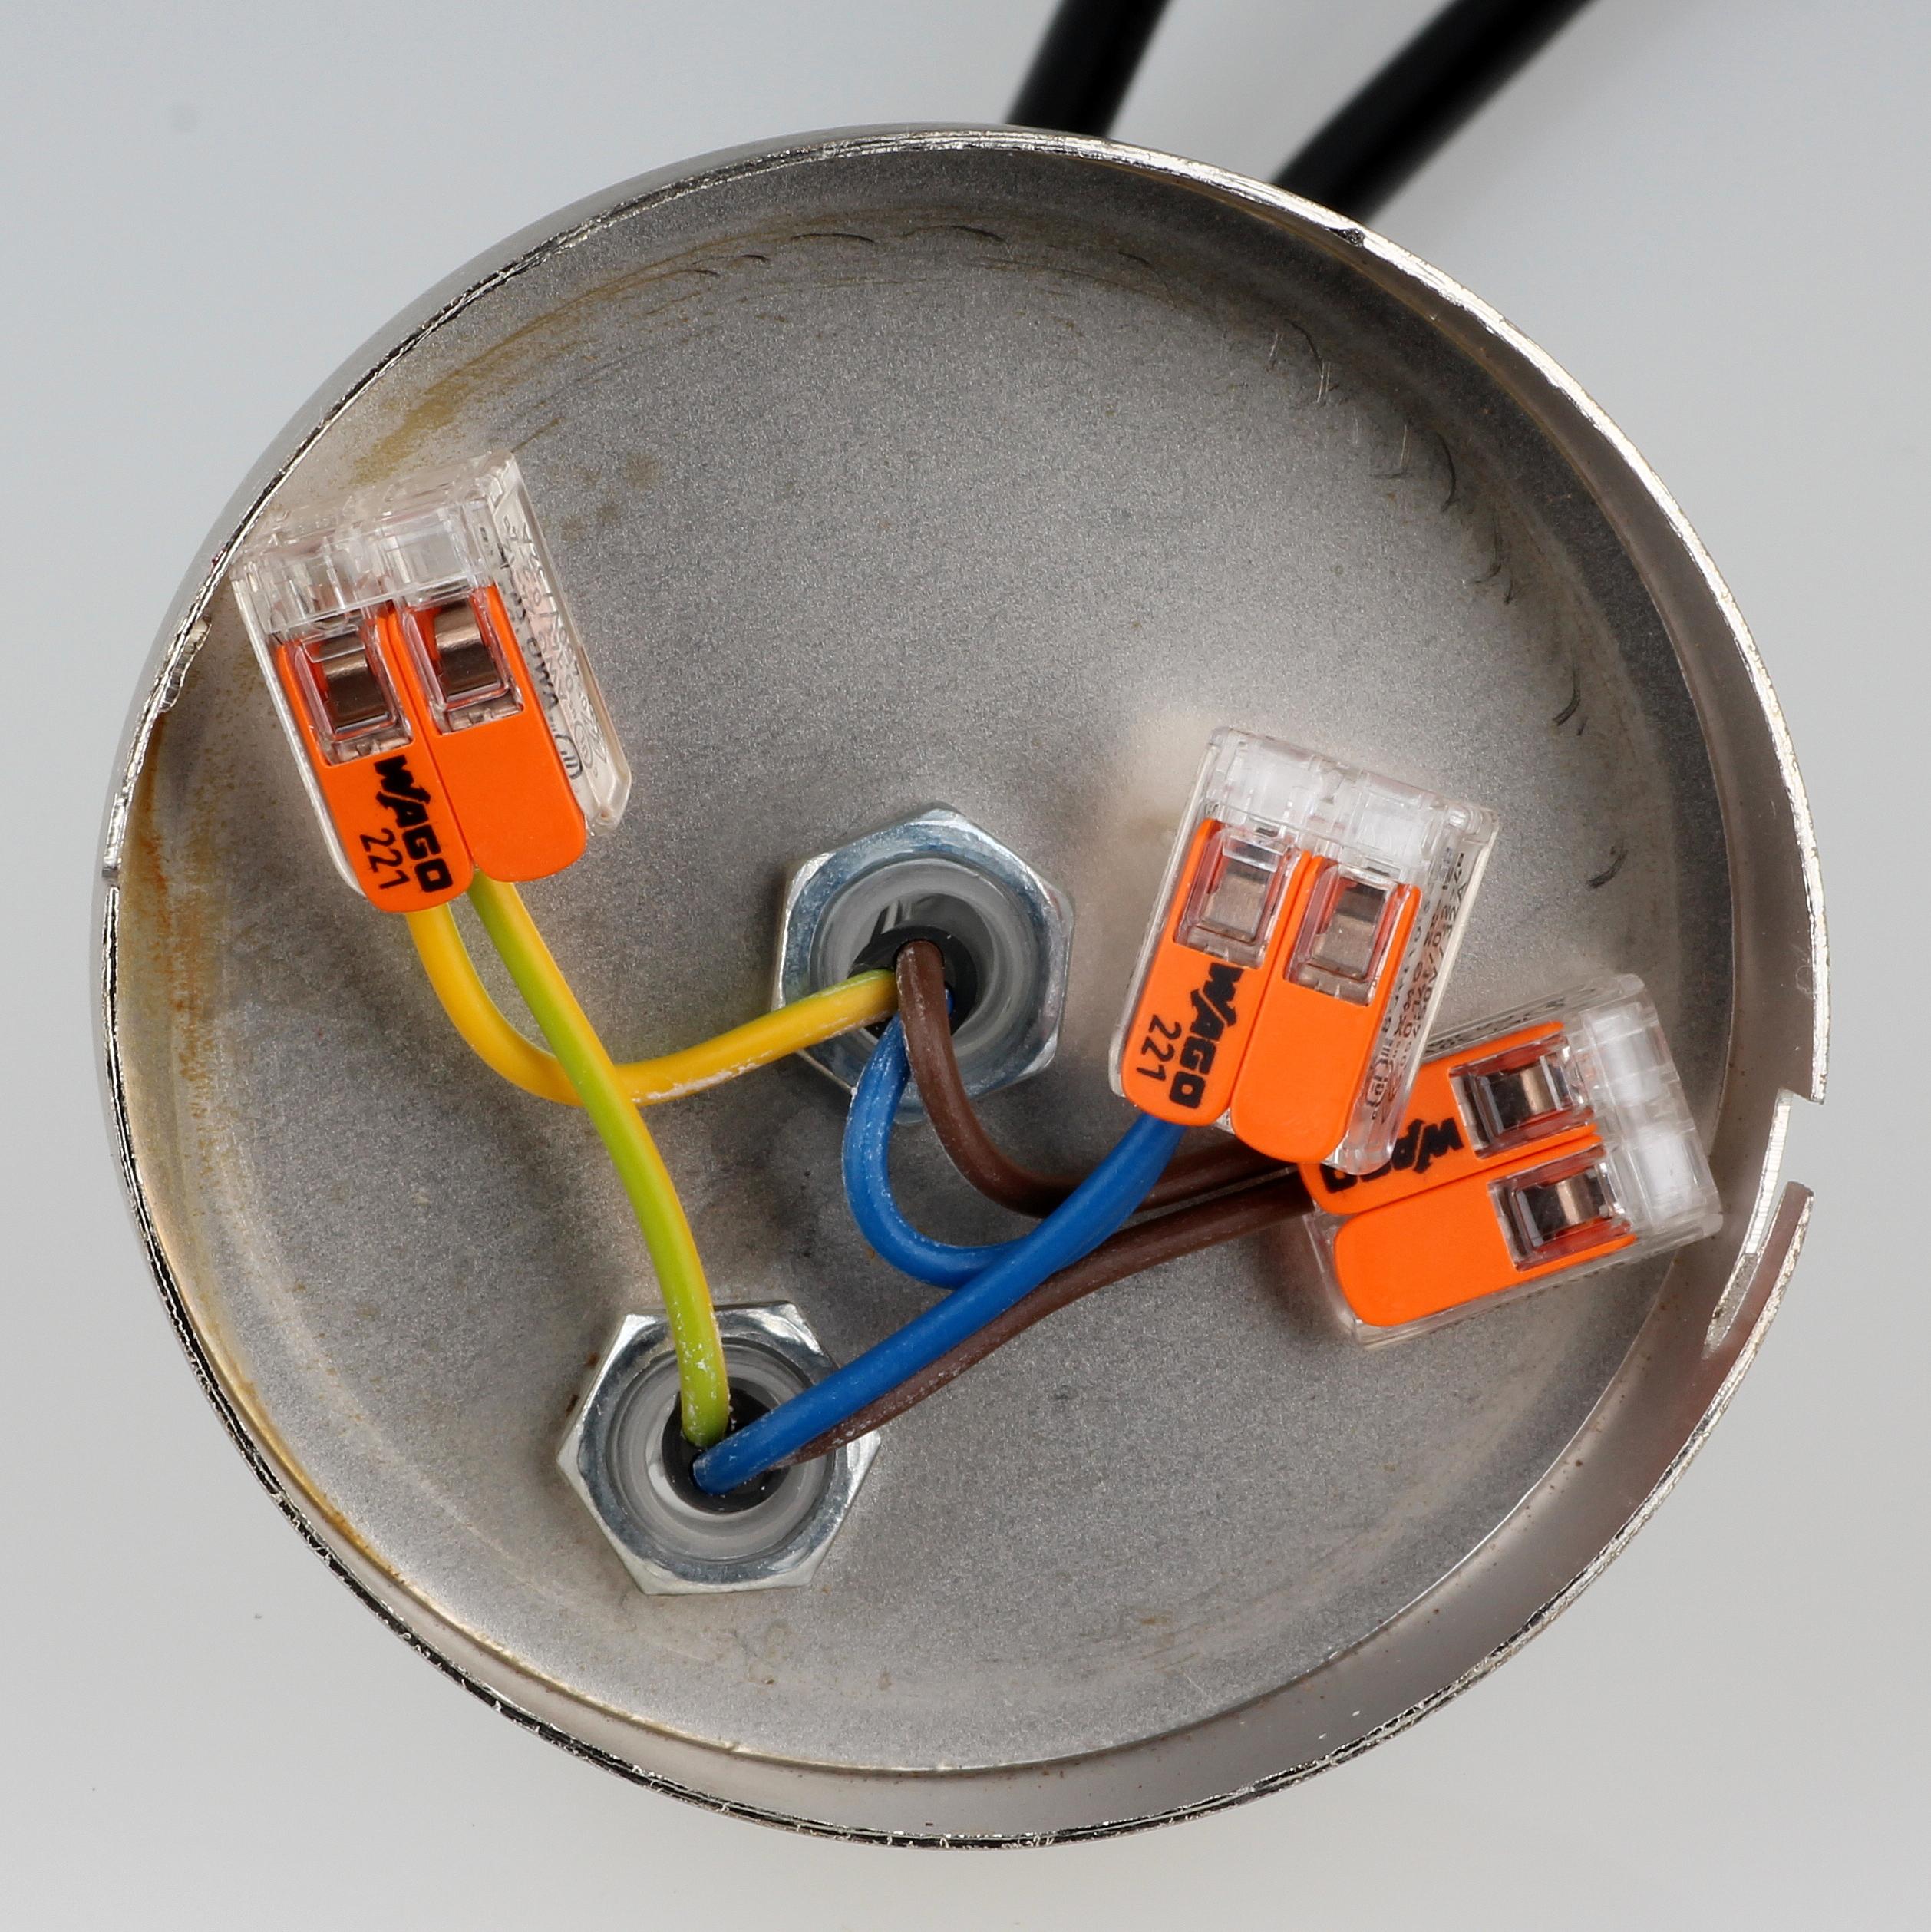 Lampen Anbringen Deckenlampe Ber Loch Anbringen Lampe: Lampen Verkabeln